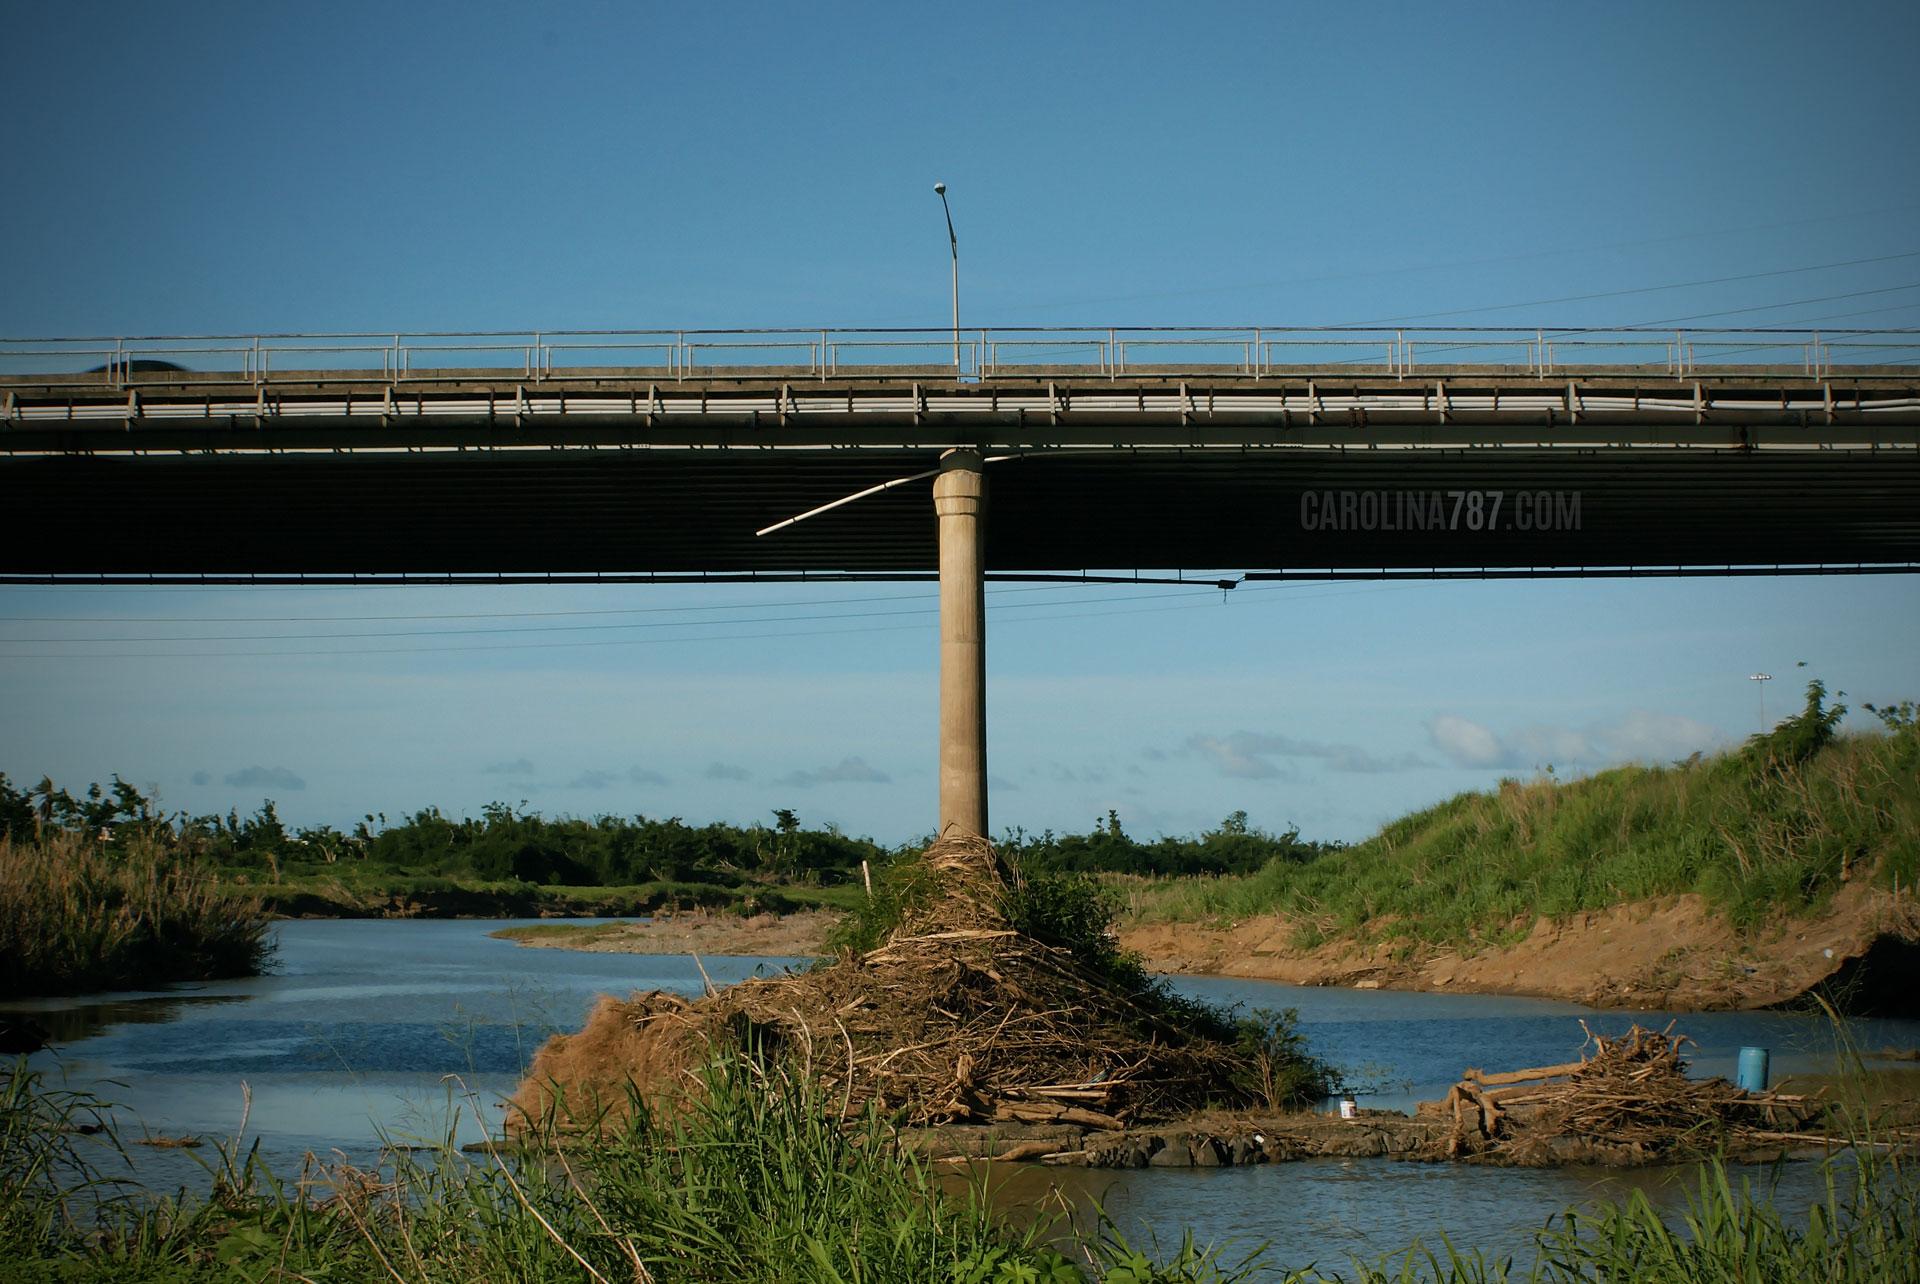 Vista del Río Grande de Loíza, bajo el Puente Julia De Burgos en Carolina, Puerto Rico.